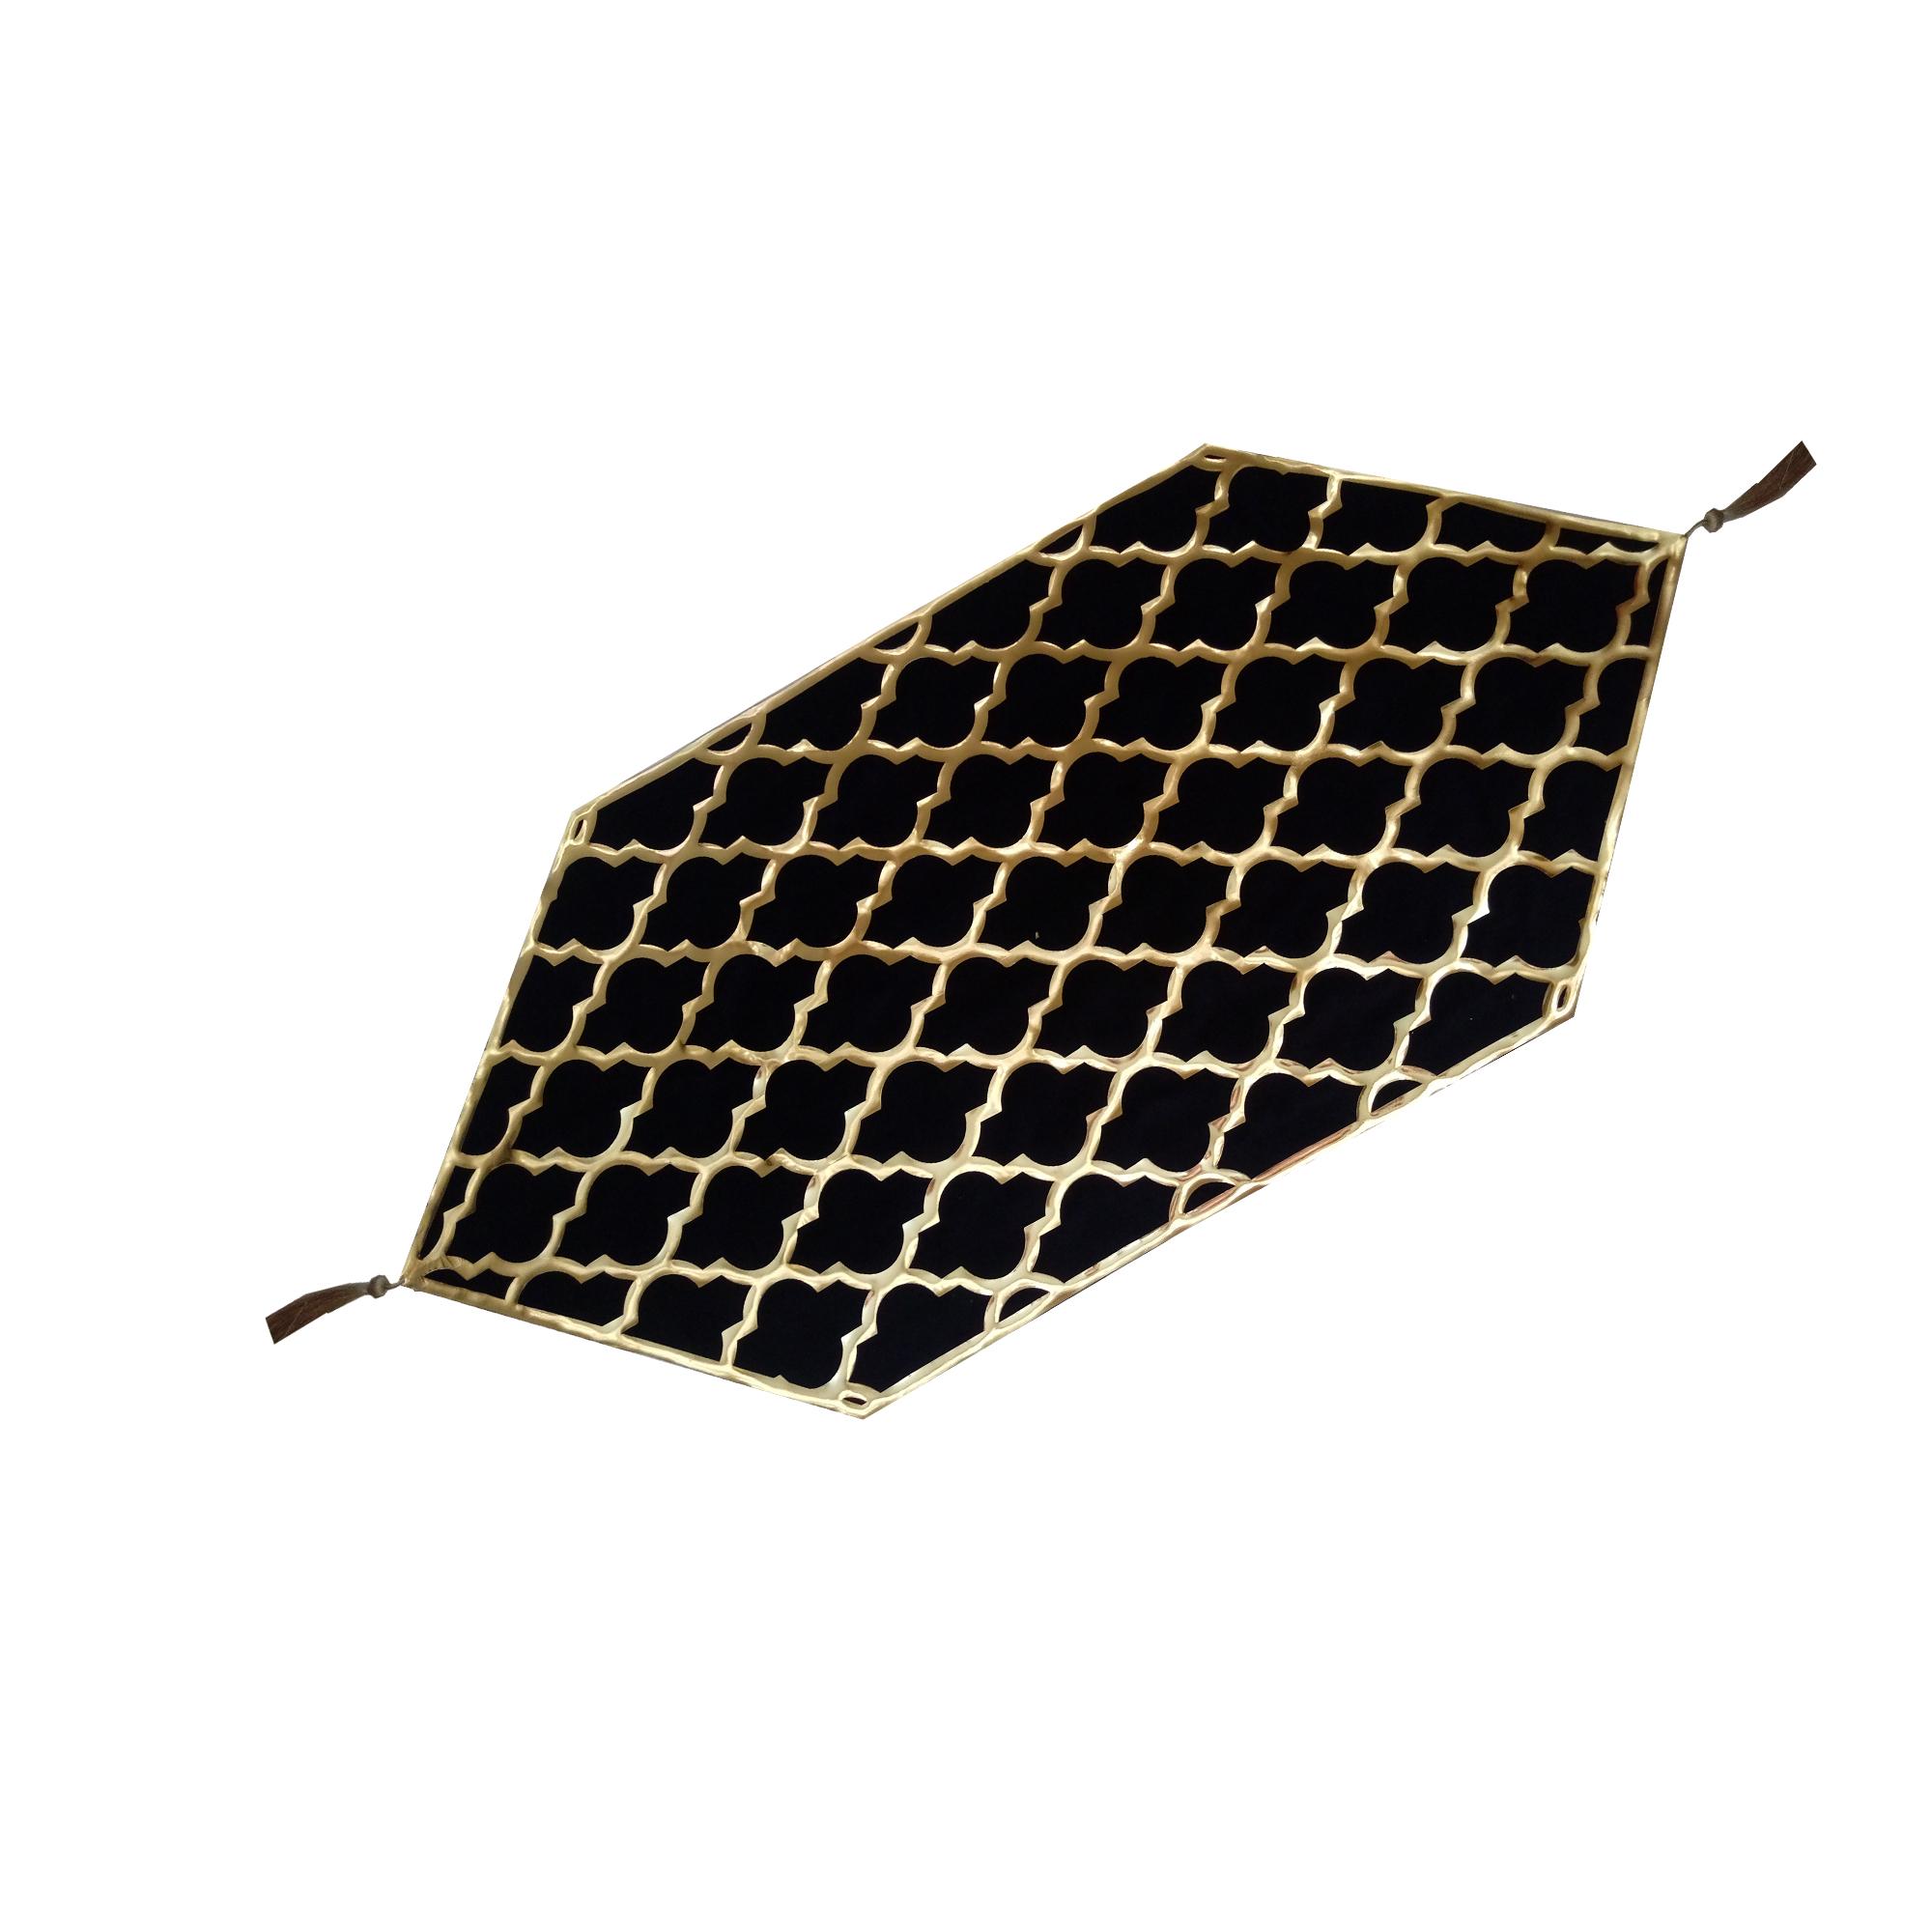 رانر مدل لانه زنبوری کد 10040